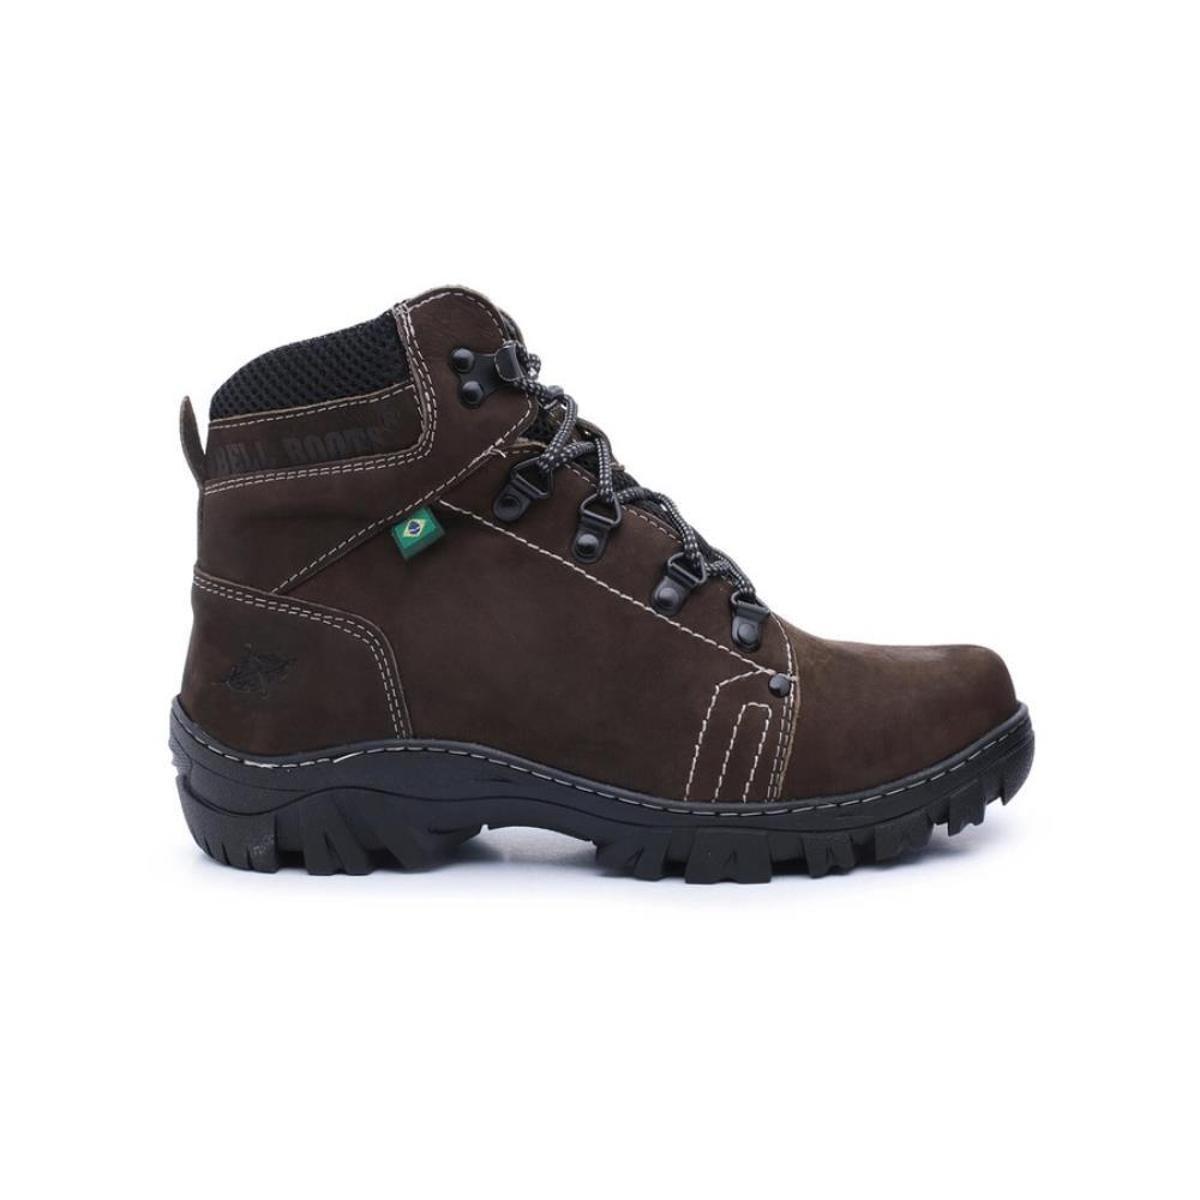 a34503aae95 Bota de Couro Nobuck Adventure Bell Boots Masculina - Chumbo - Compre Agora